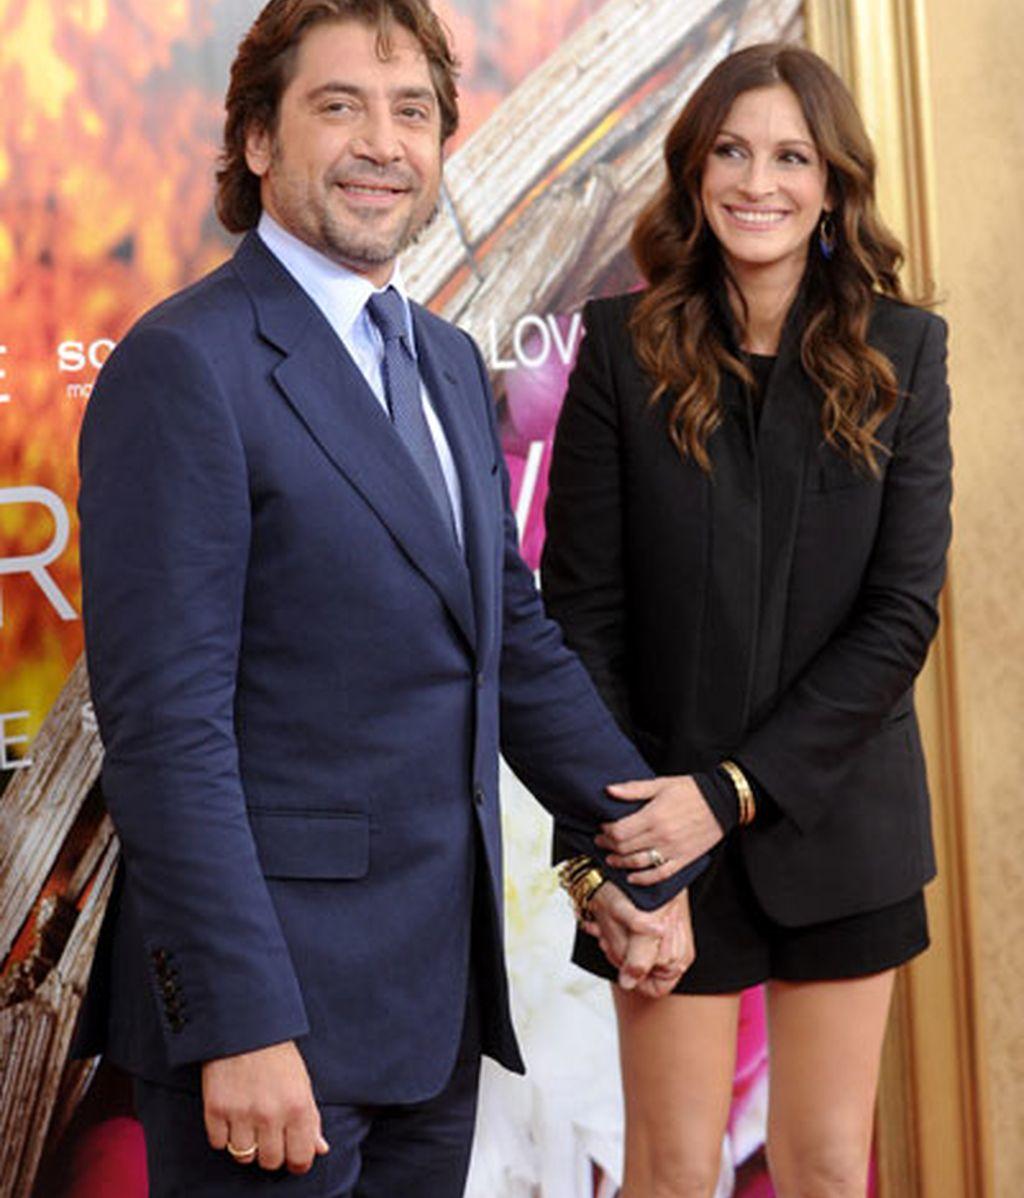 La complicidad de Javier Bardem y Julia Roberts